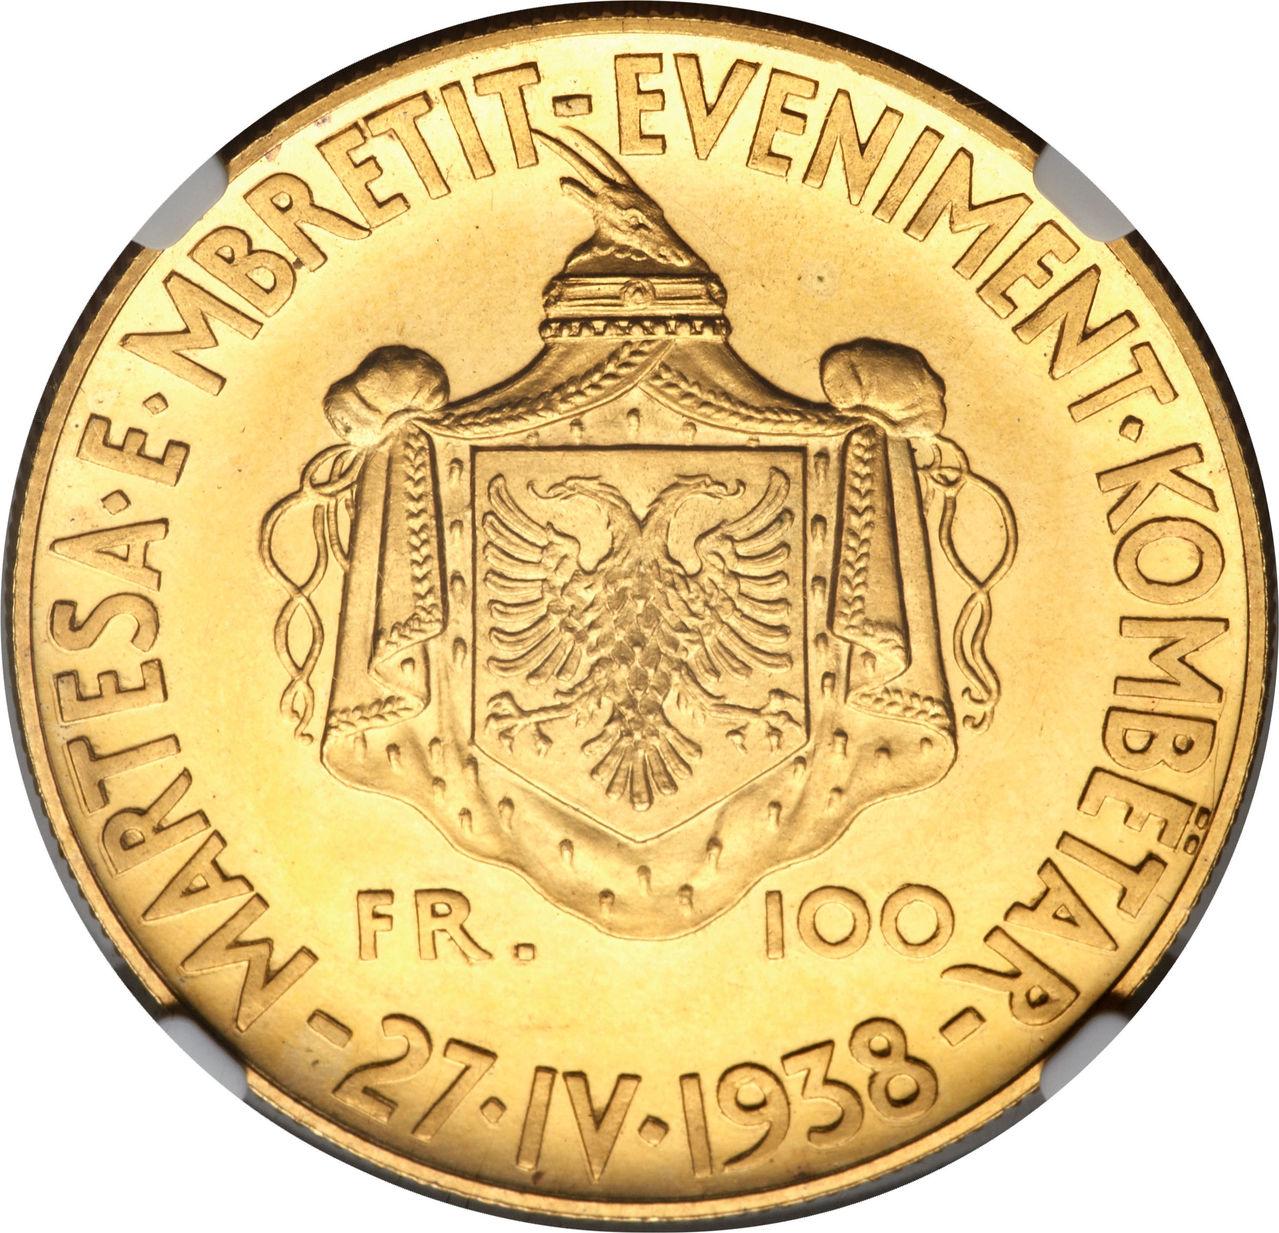 100 Francs. Albania. 1938  Lf_CAJICZLF